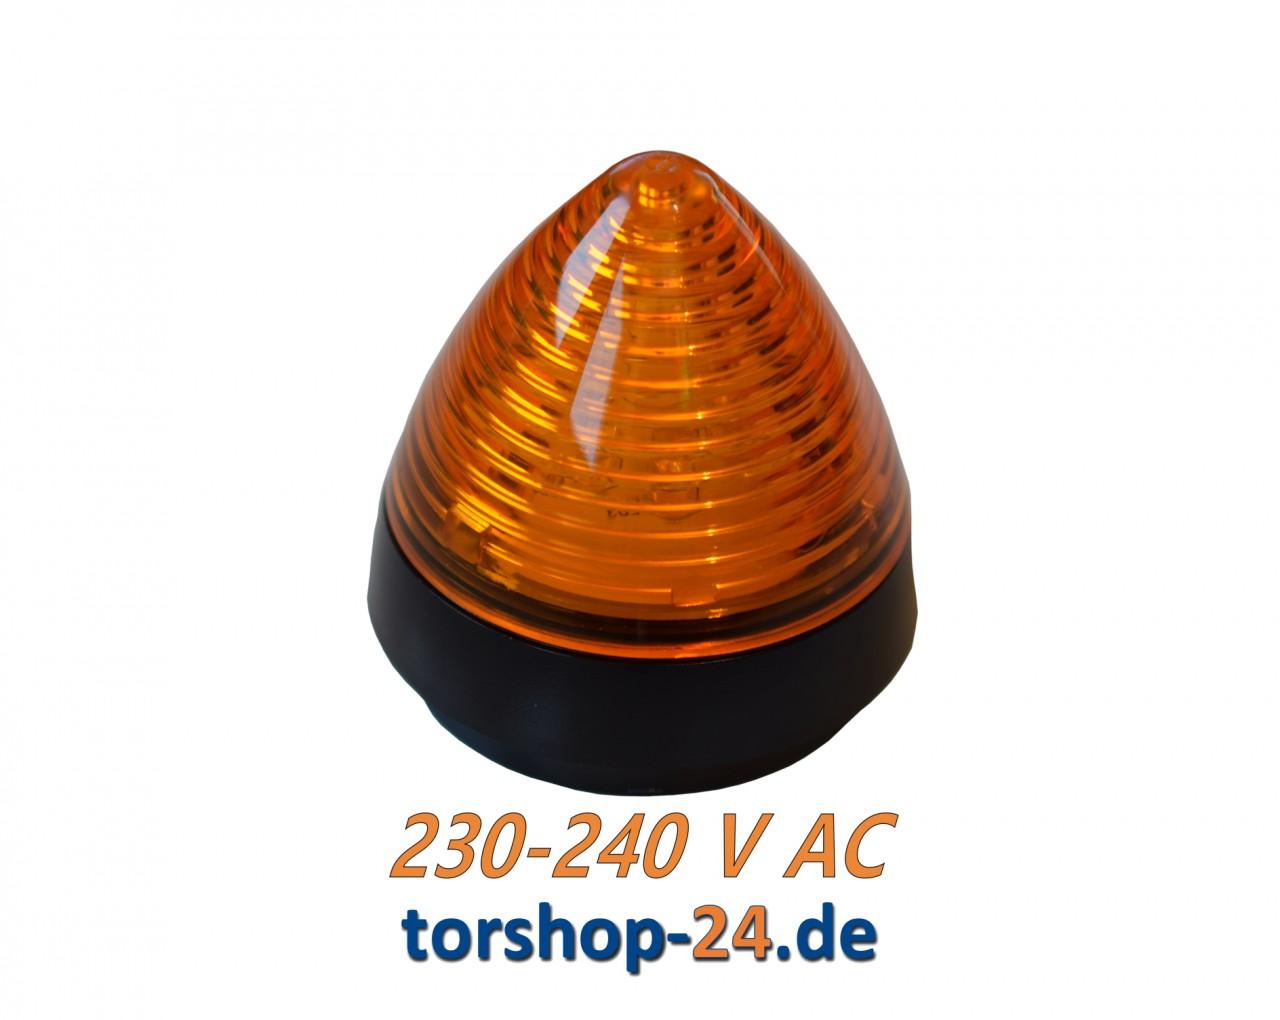 Hörmann LED Signalleuchte SLK 230 V